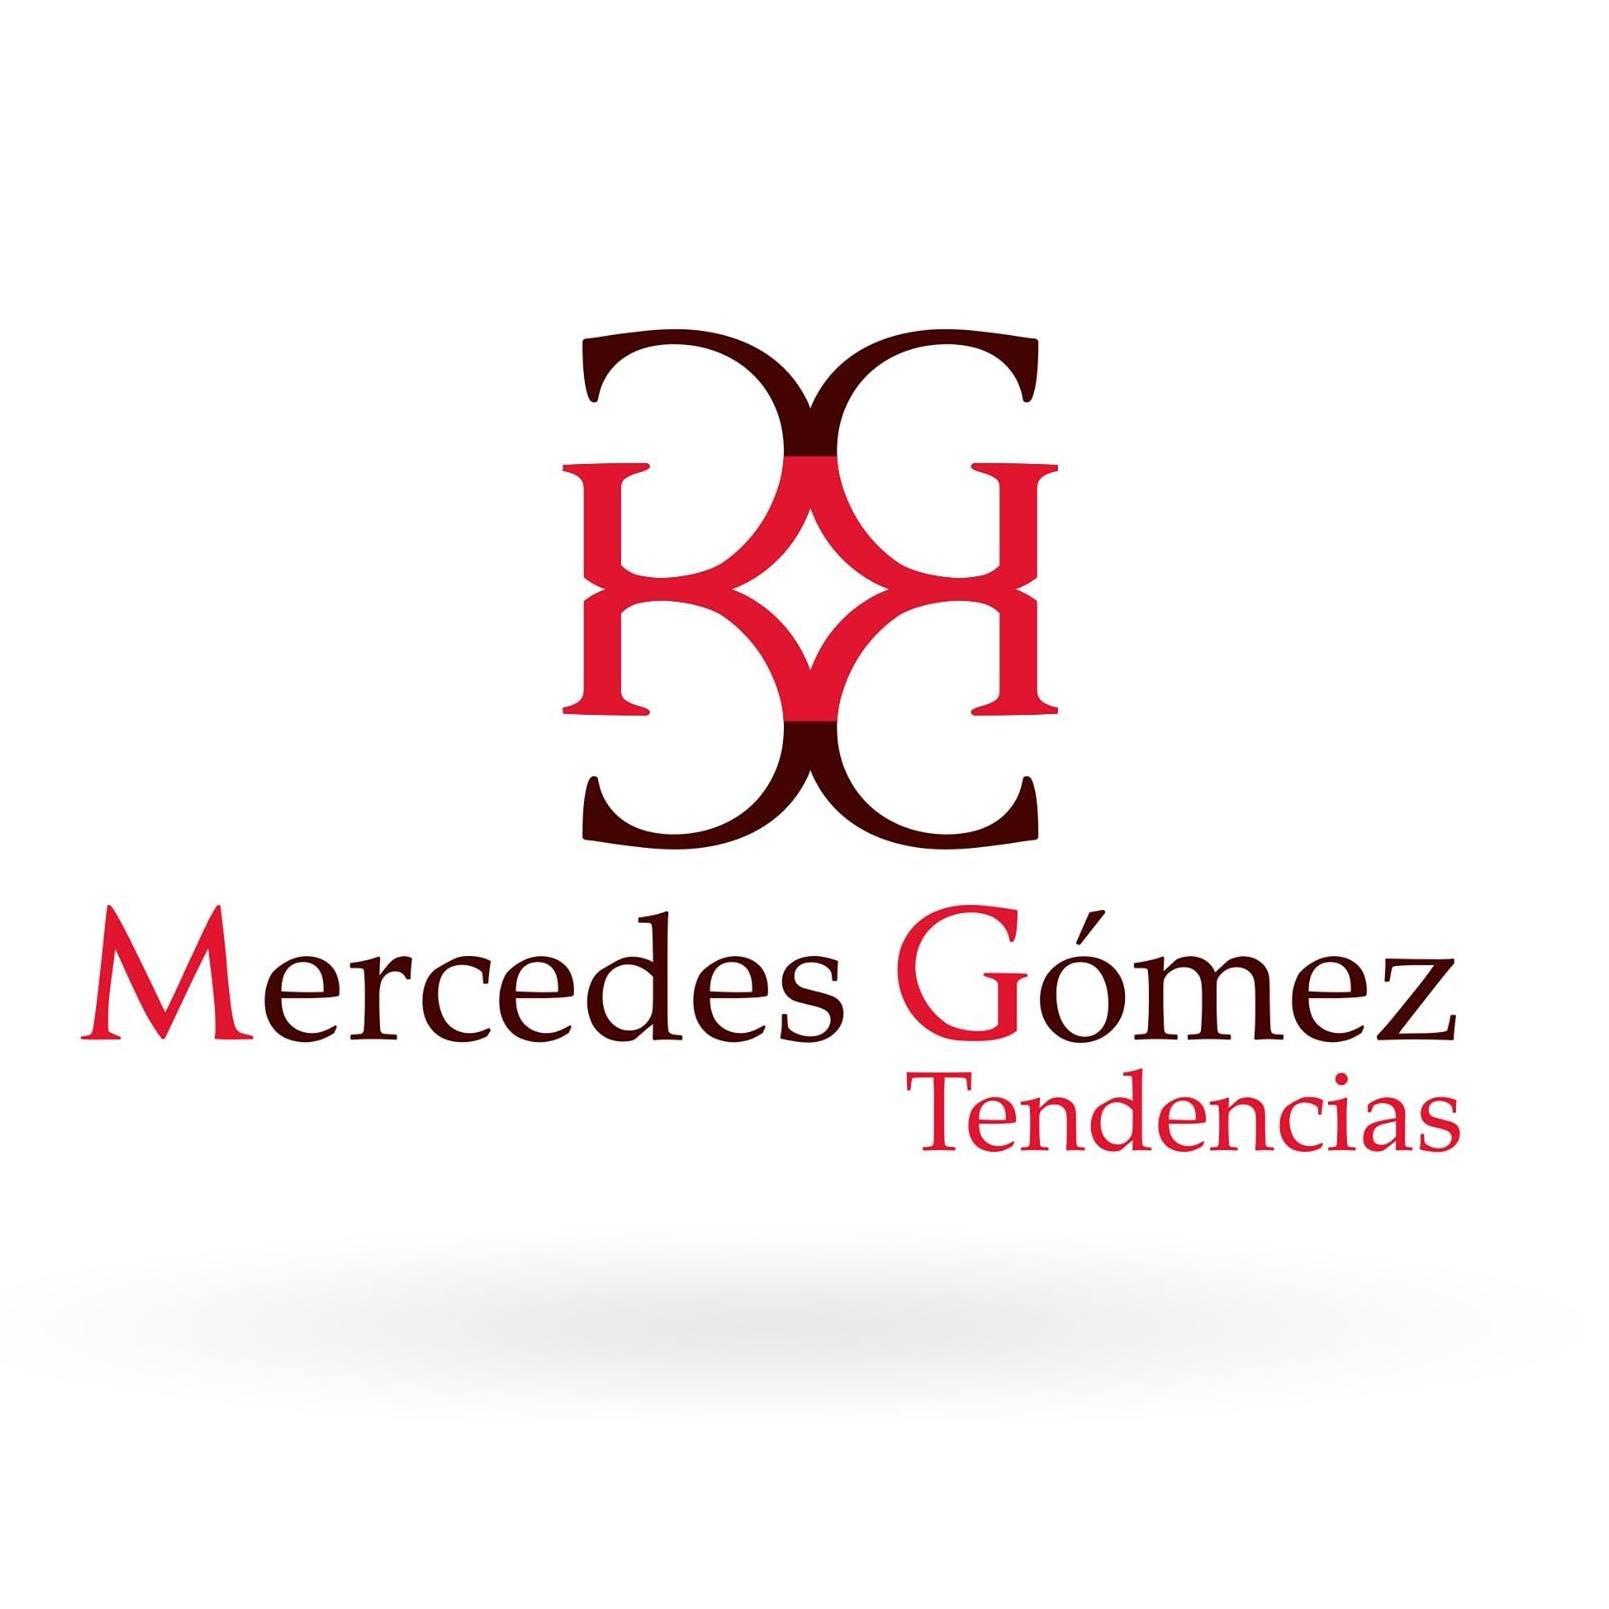 Mercedes Gomez Tendencias